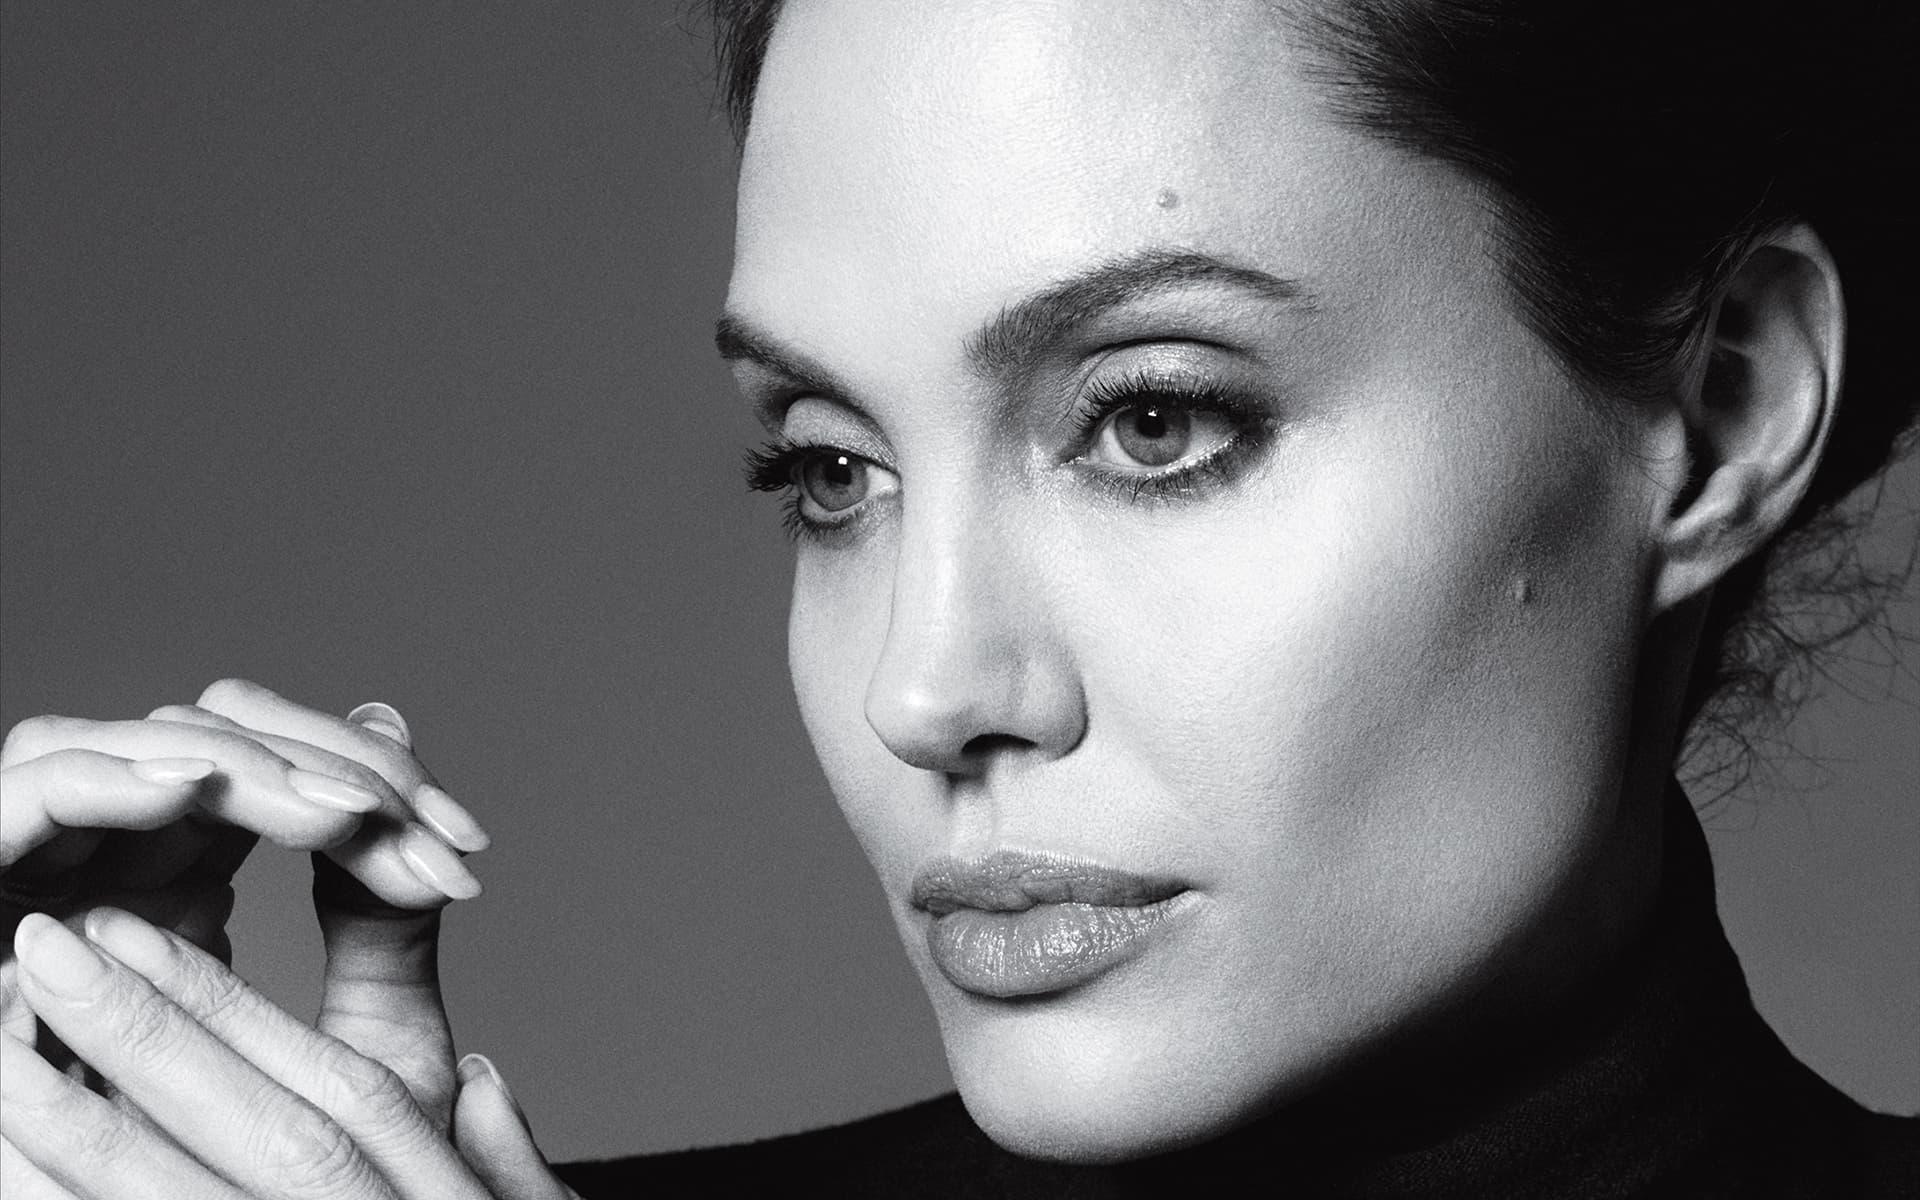 هشت فیلم سینمایی محبوب از آنجلینا جولی به مناسبت تولد 43 سالگی وی